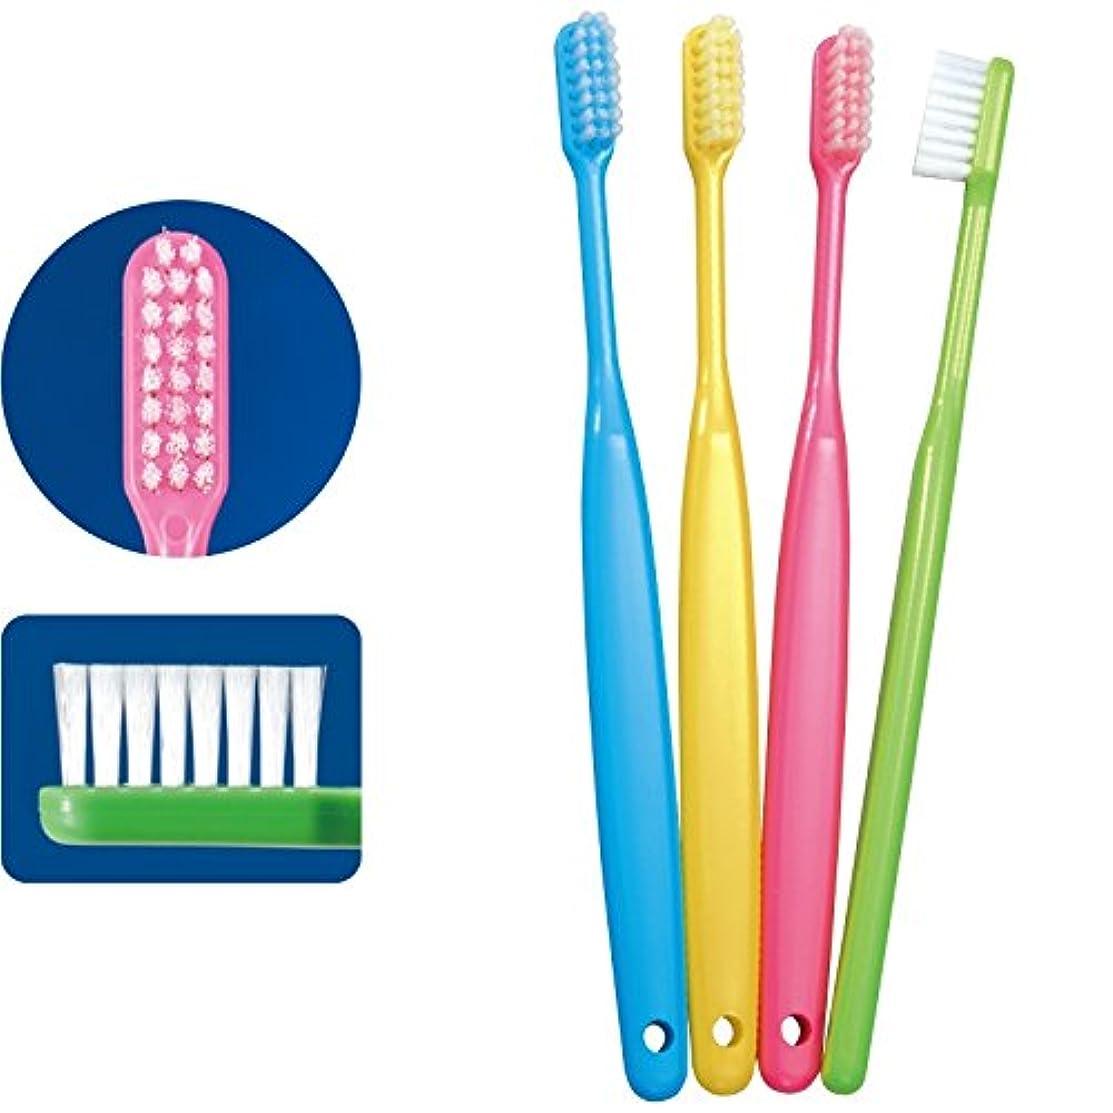 スプーンできないお願いします歯科医院専売 Ci バリュー 歯ブラシ M(ふつう) 4色アソート (20本)